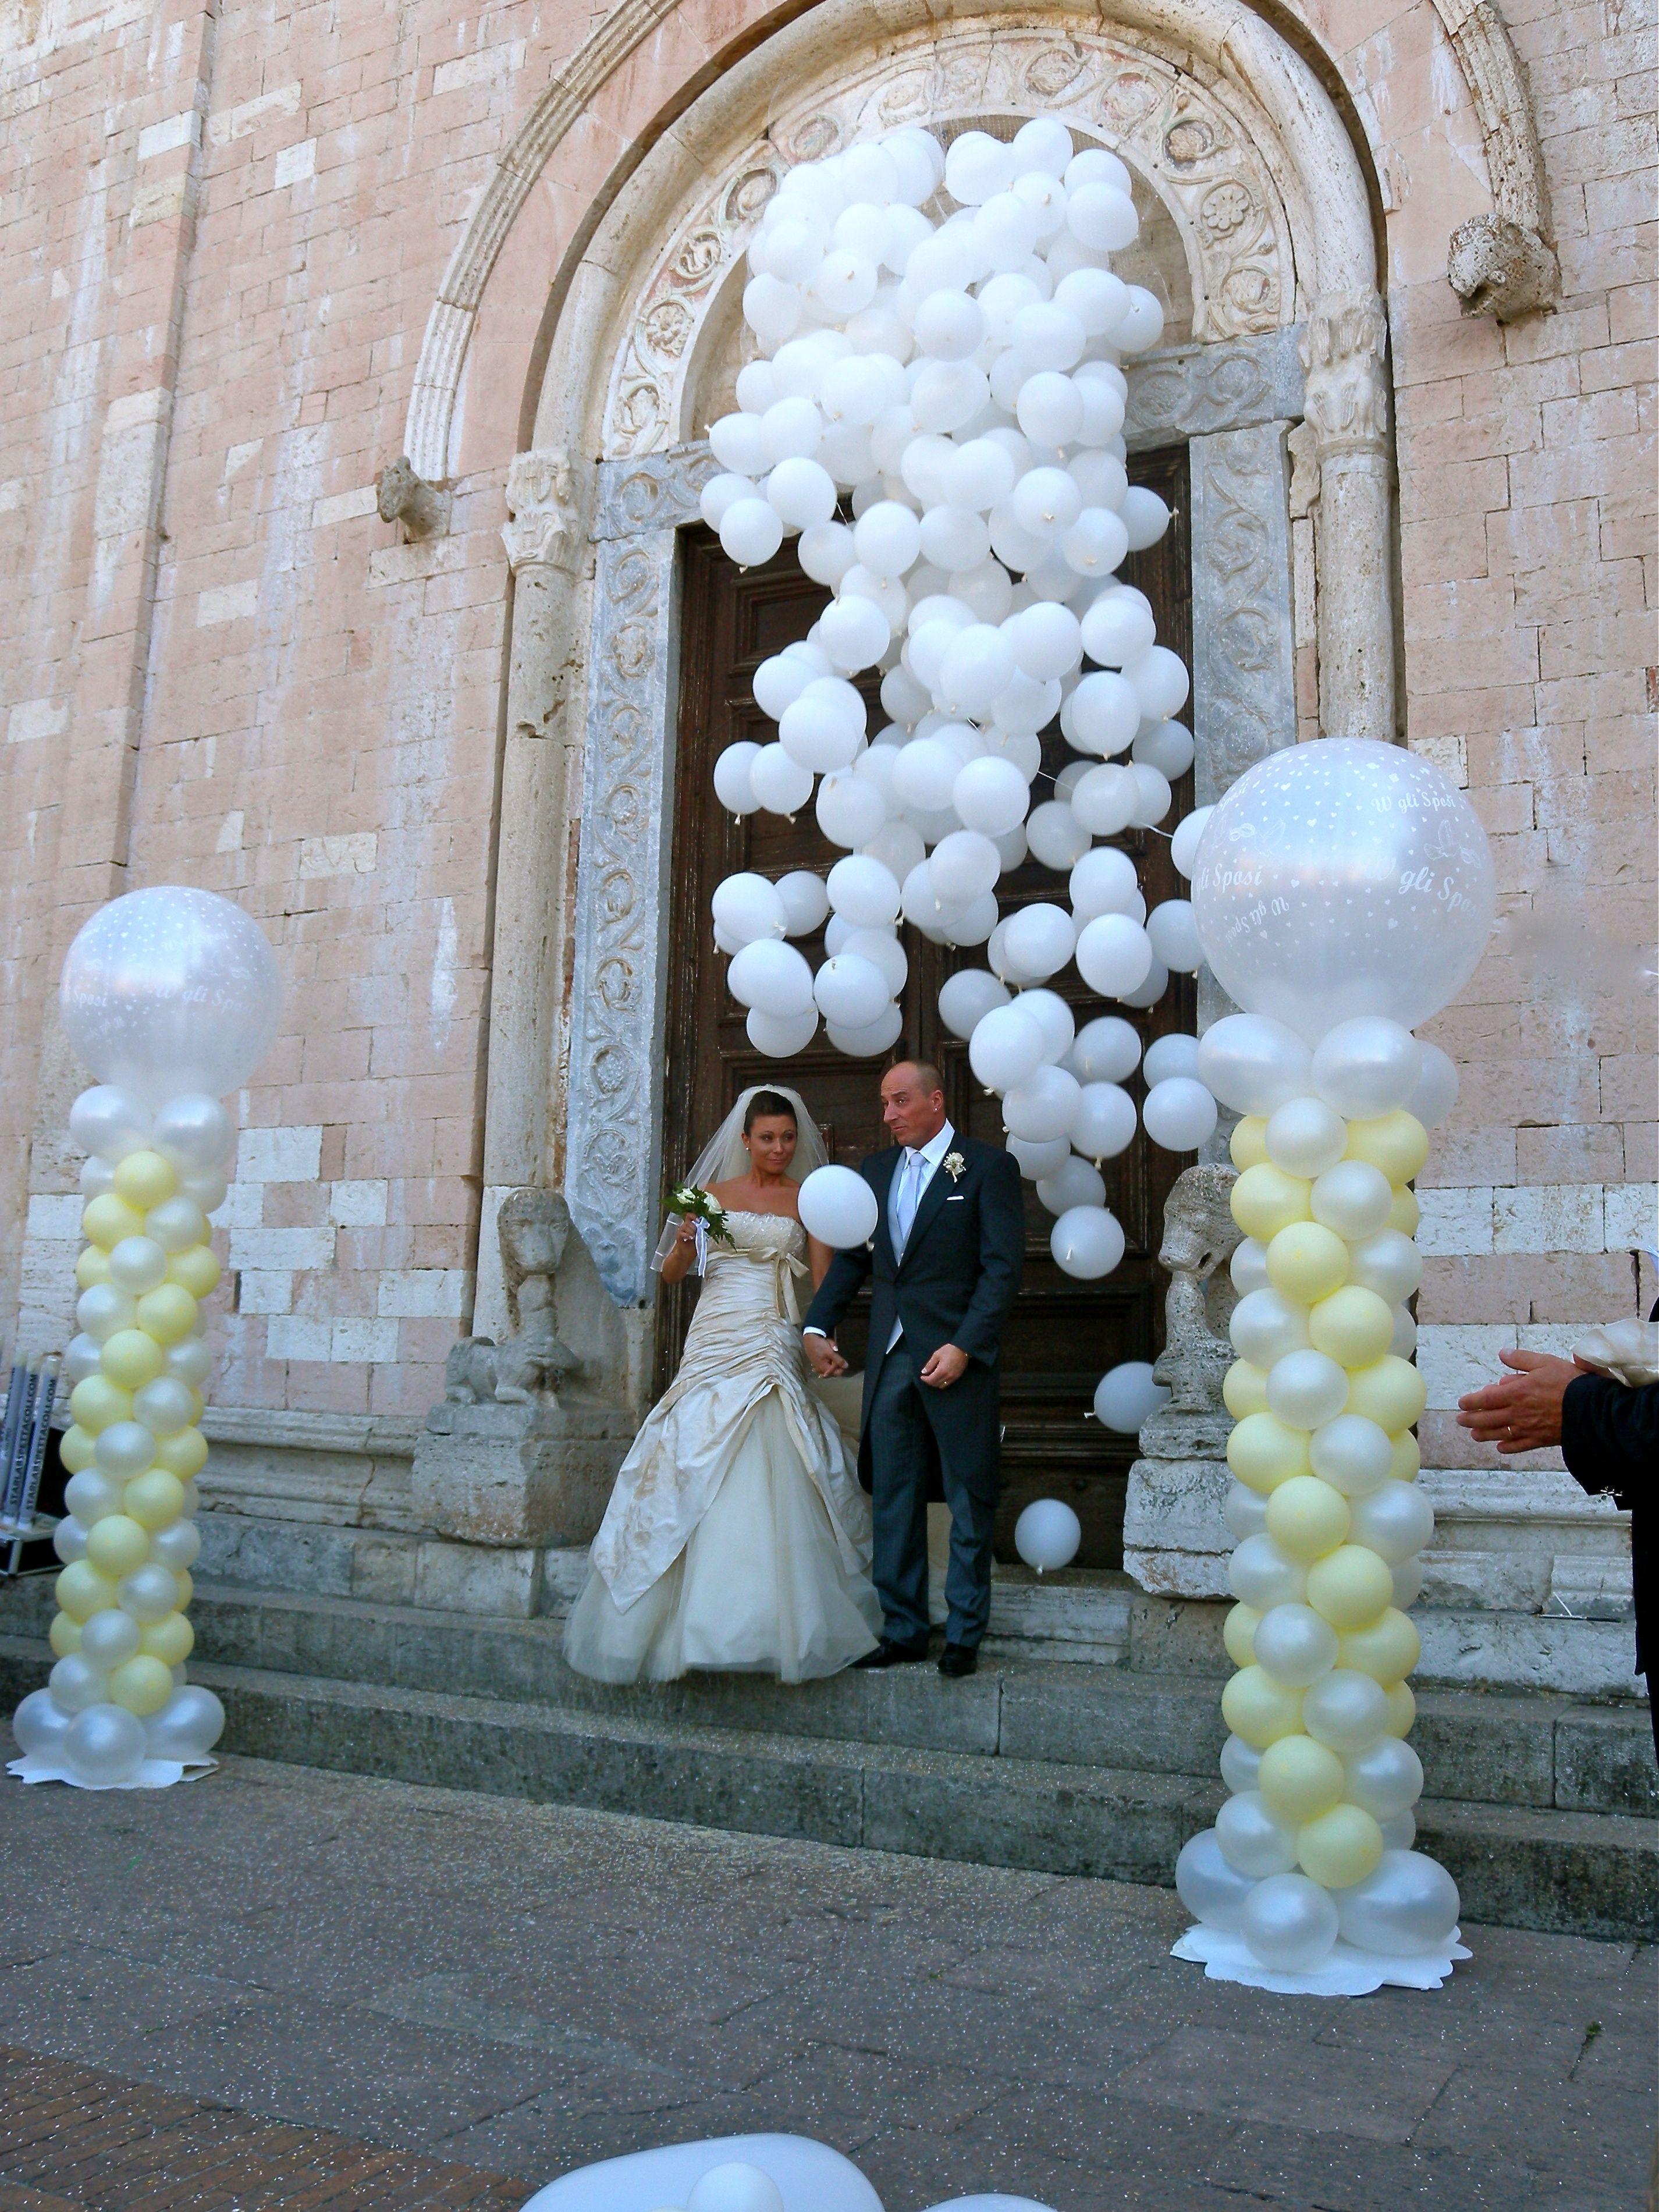 Cascata Di Palloncini Palloncini Matrimonio Palloncini Decorazioni Con Palloncini